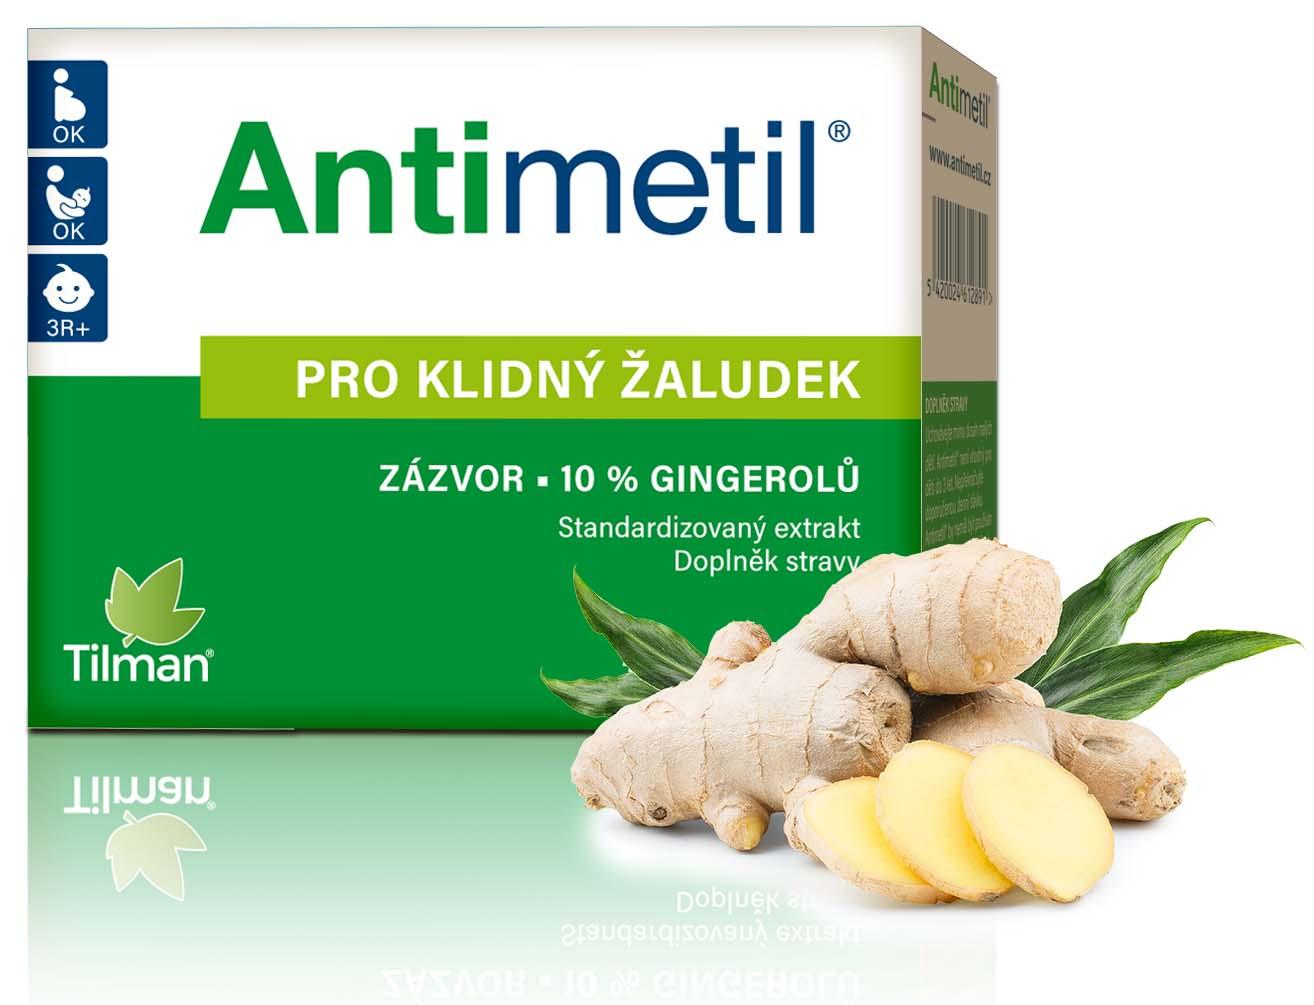 Antimetil na zklidnění žaludku